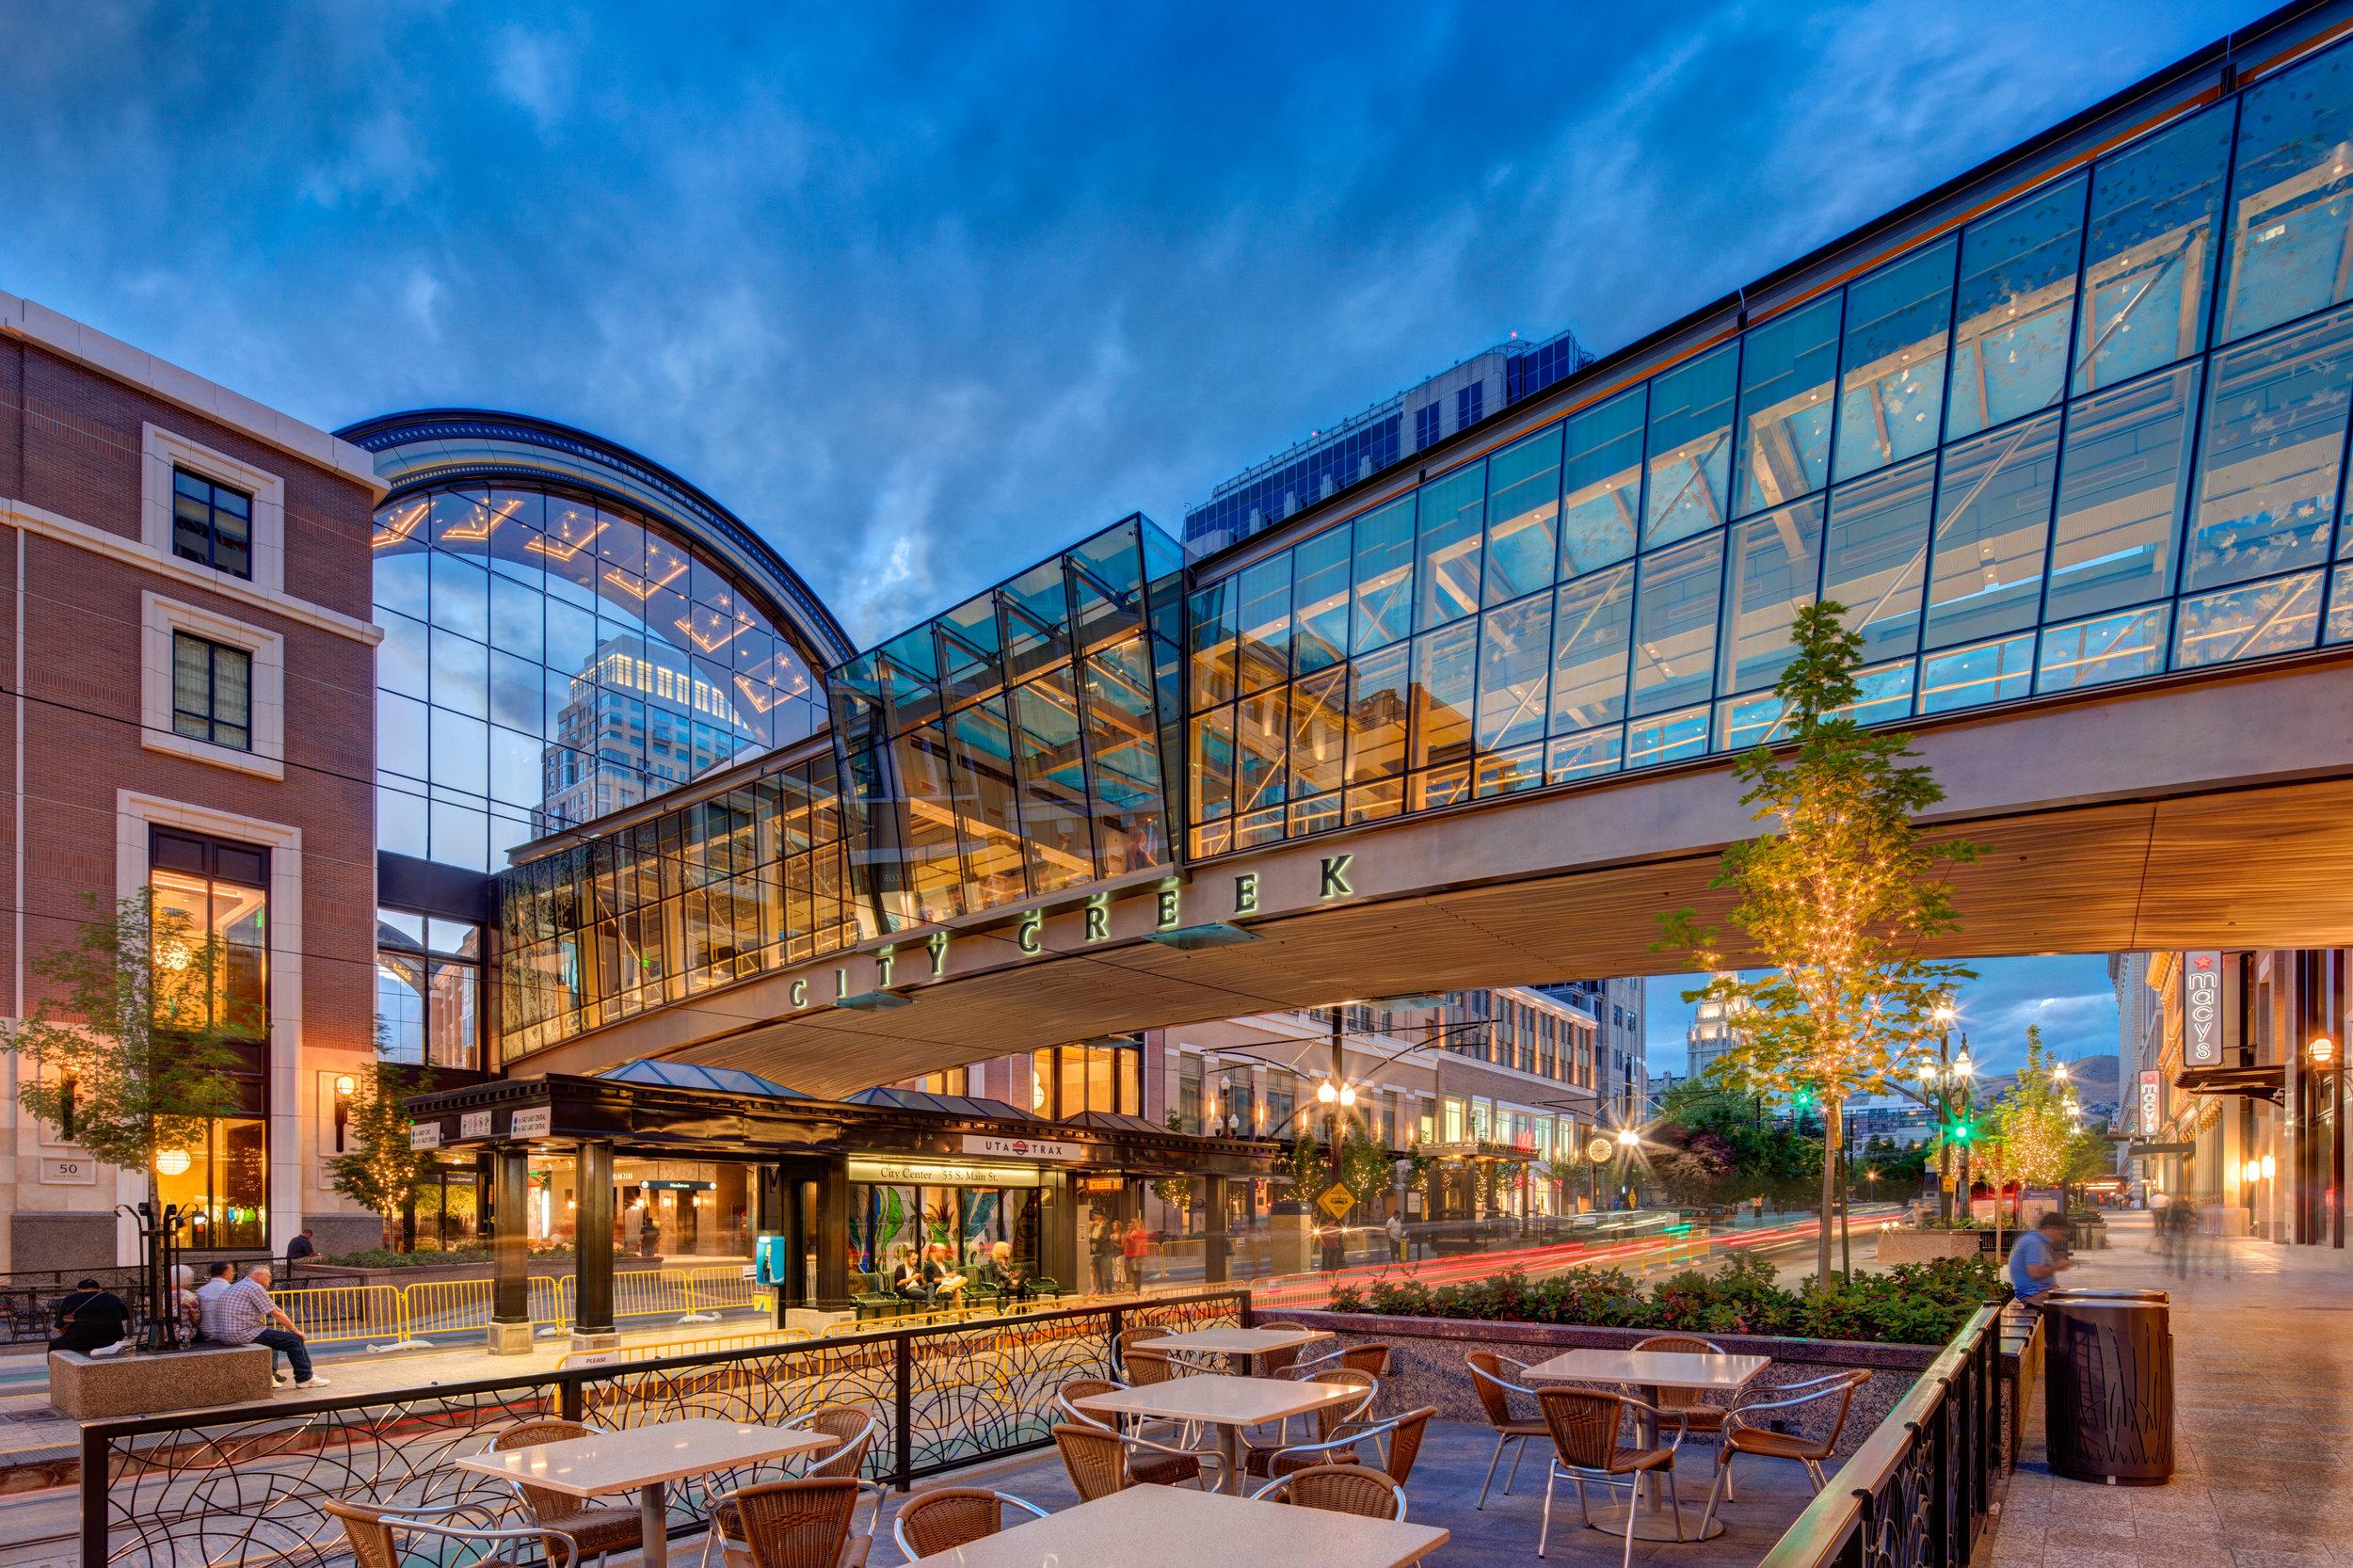 City Creek Center in Salt Lake City, Utah